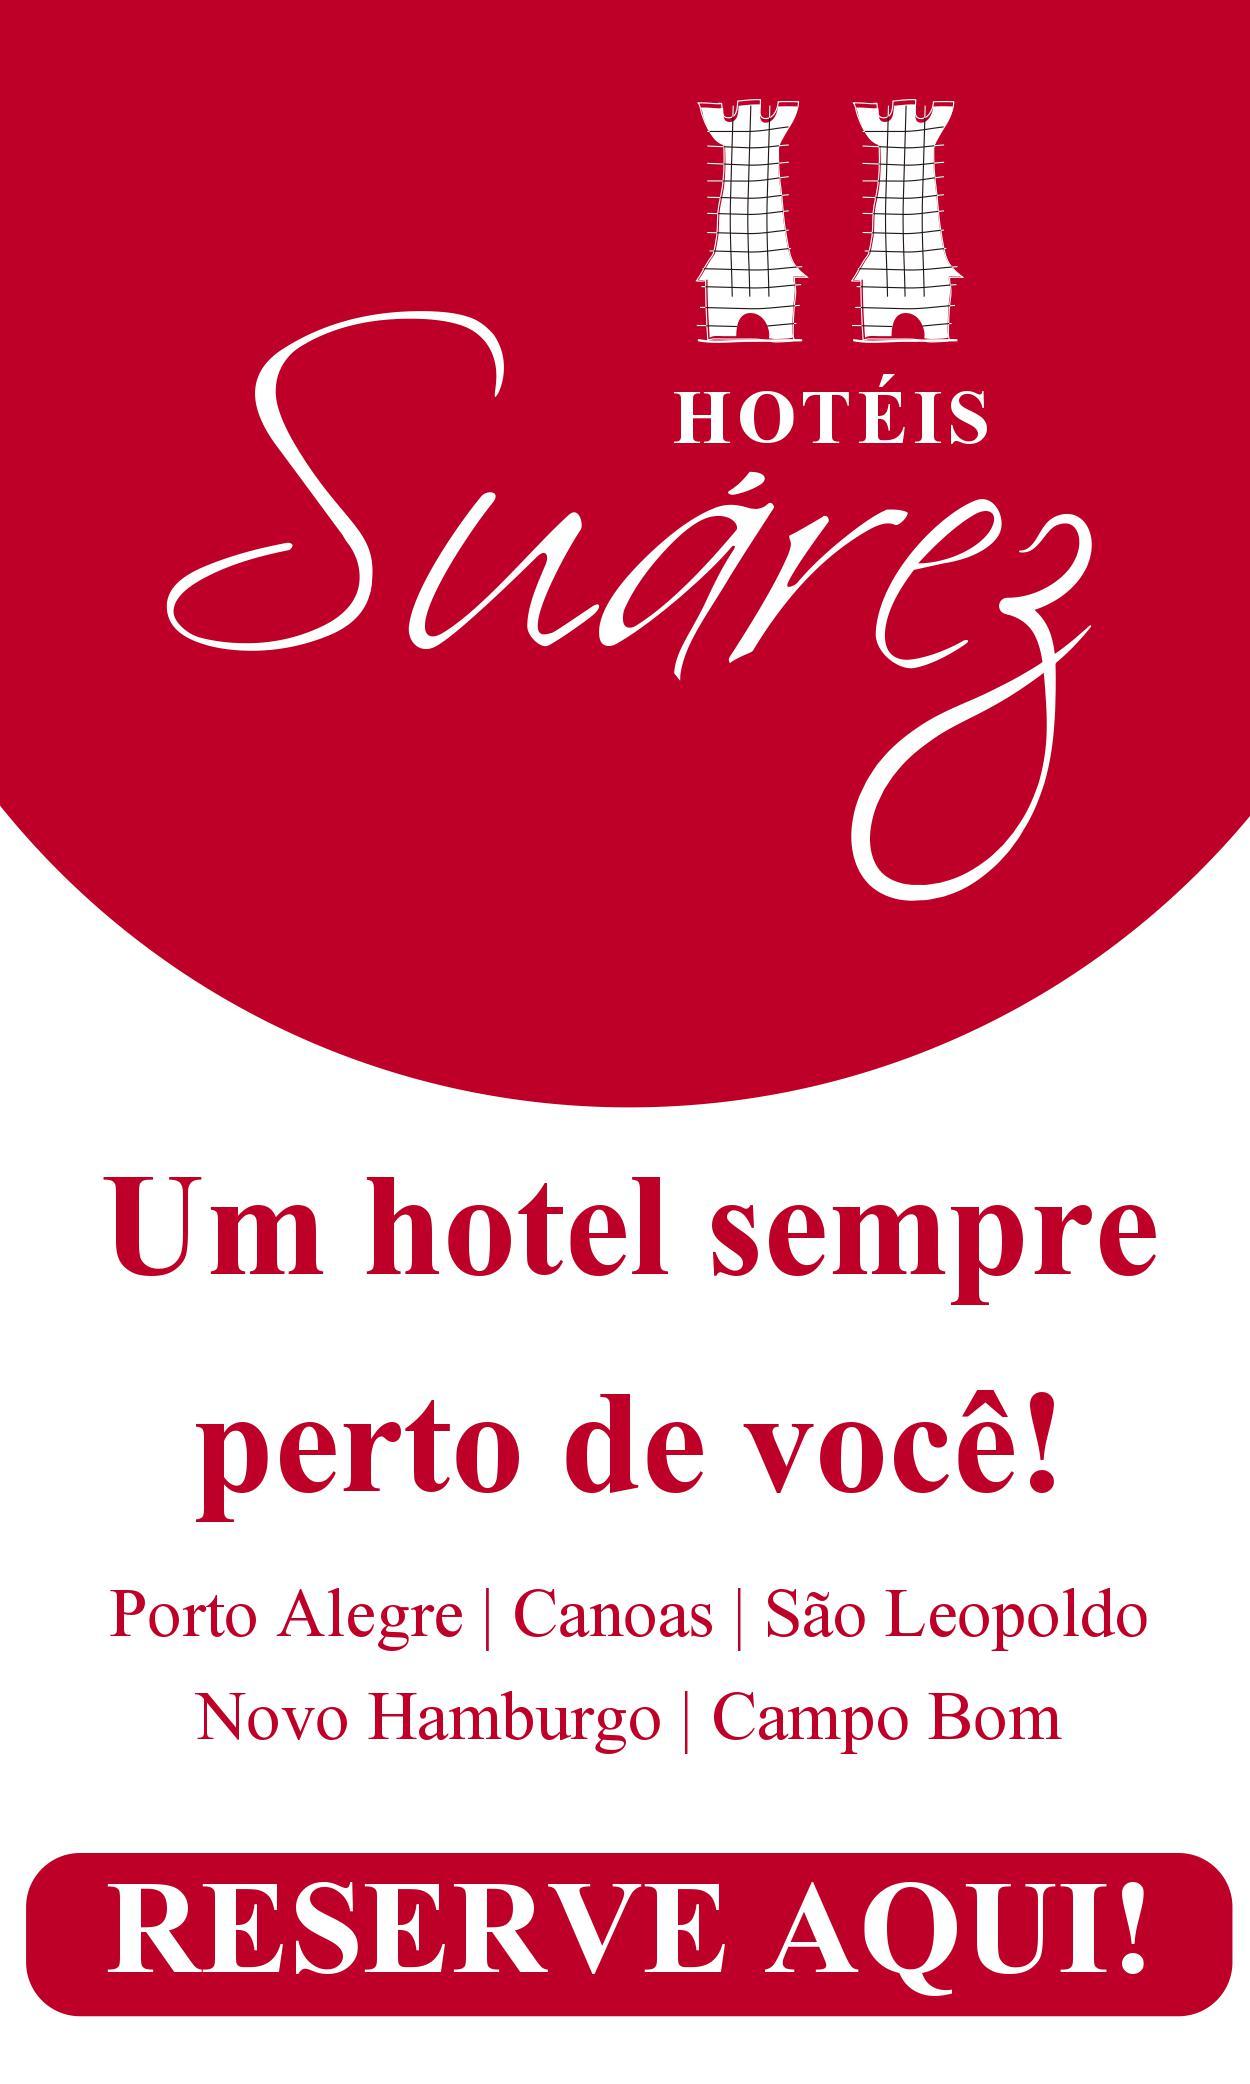 Hospede-se na Rede de Hotéis Suárez, um hotel sempre perto de você! CLIQUE AQUI PRA FAZER SUA RESERVA